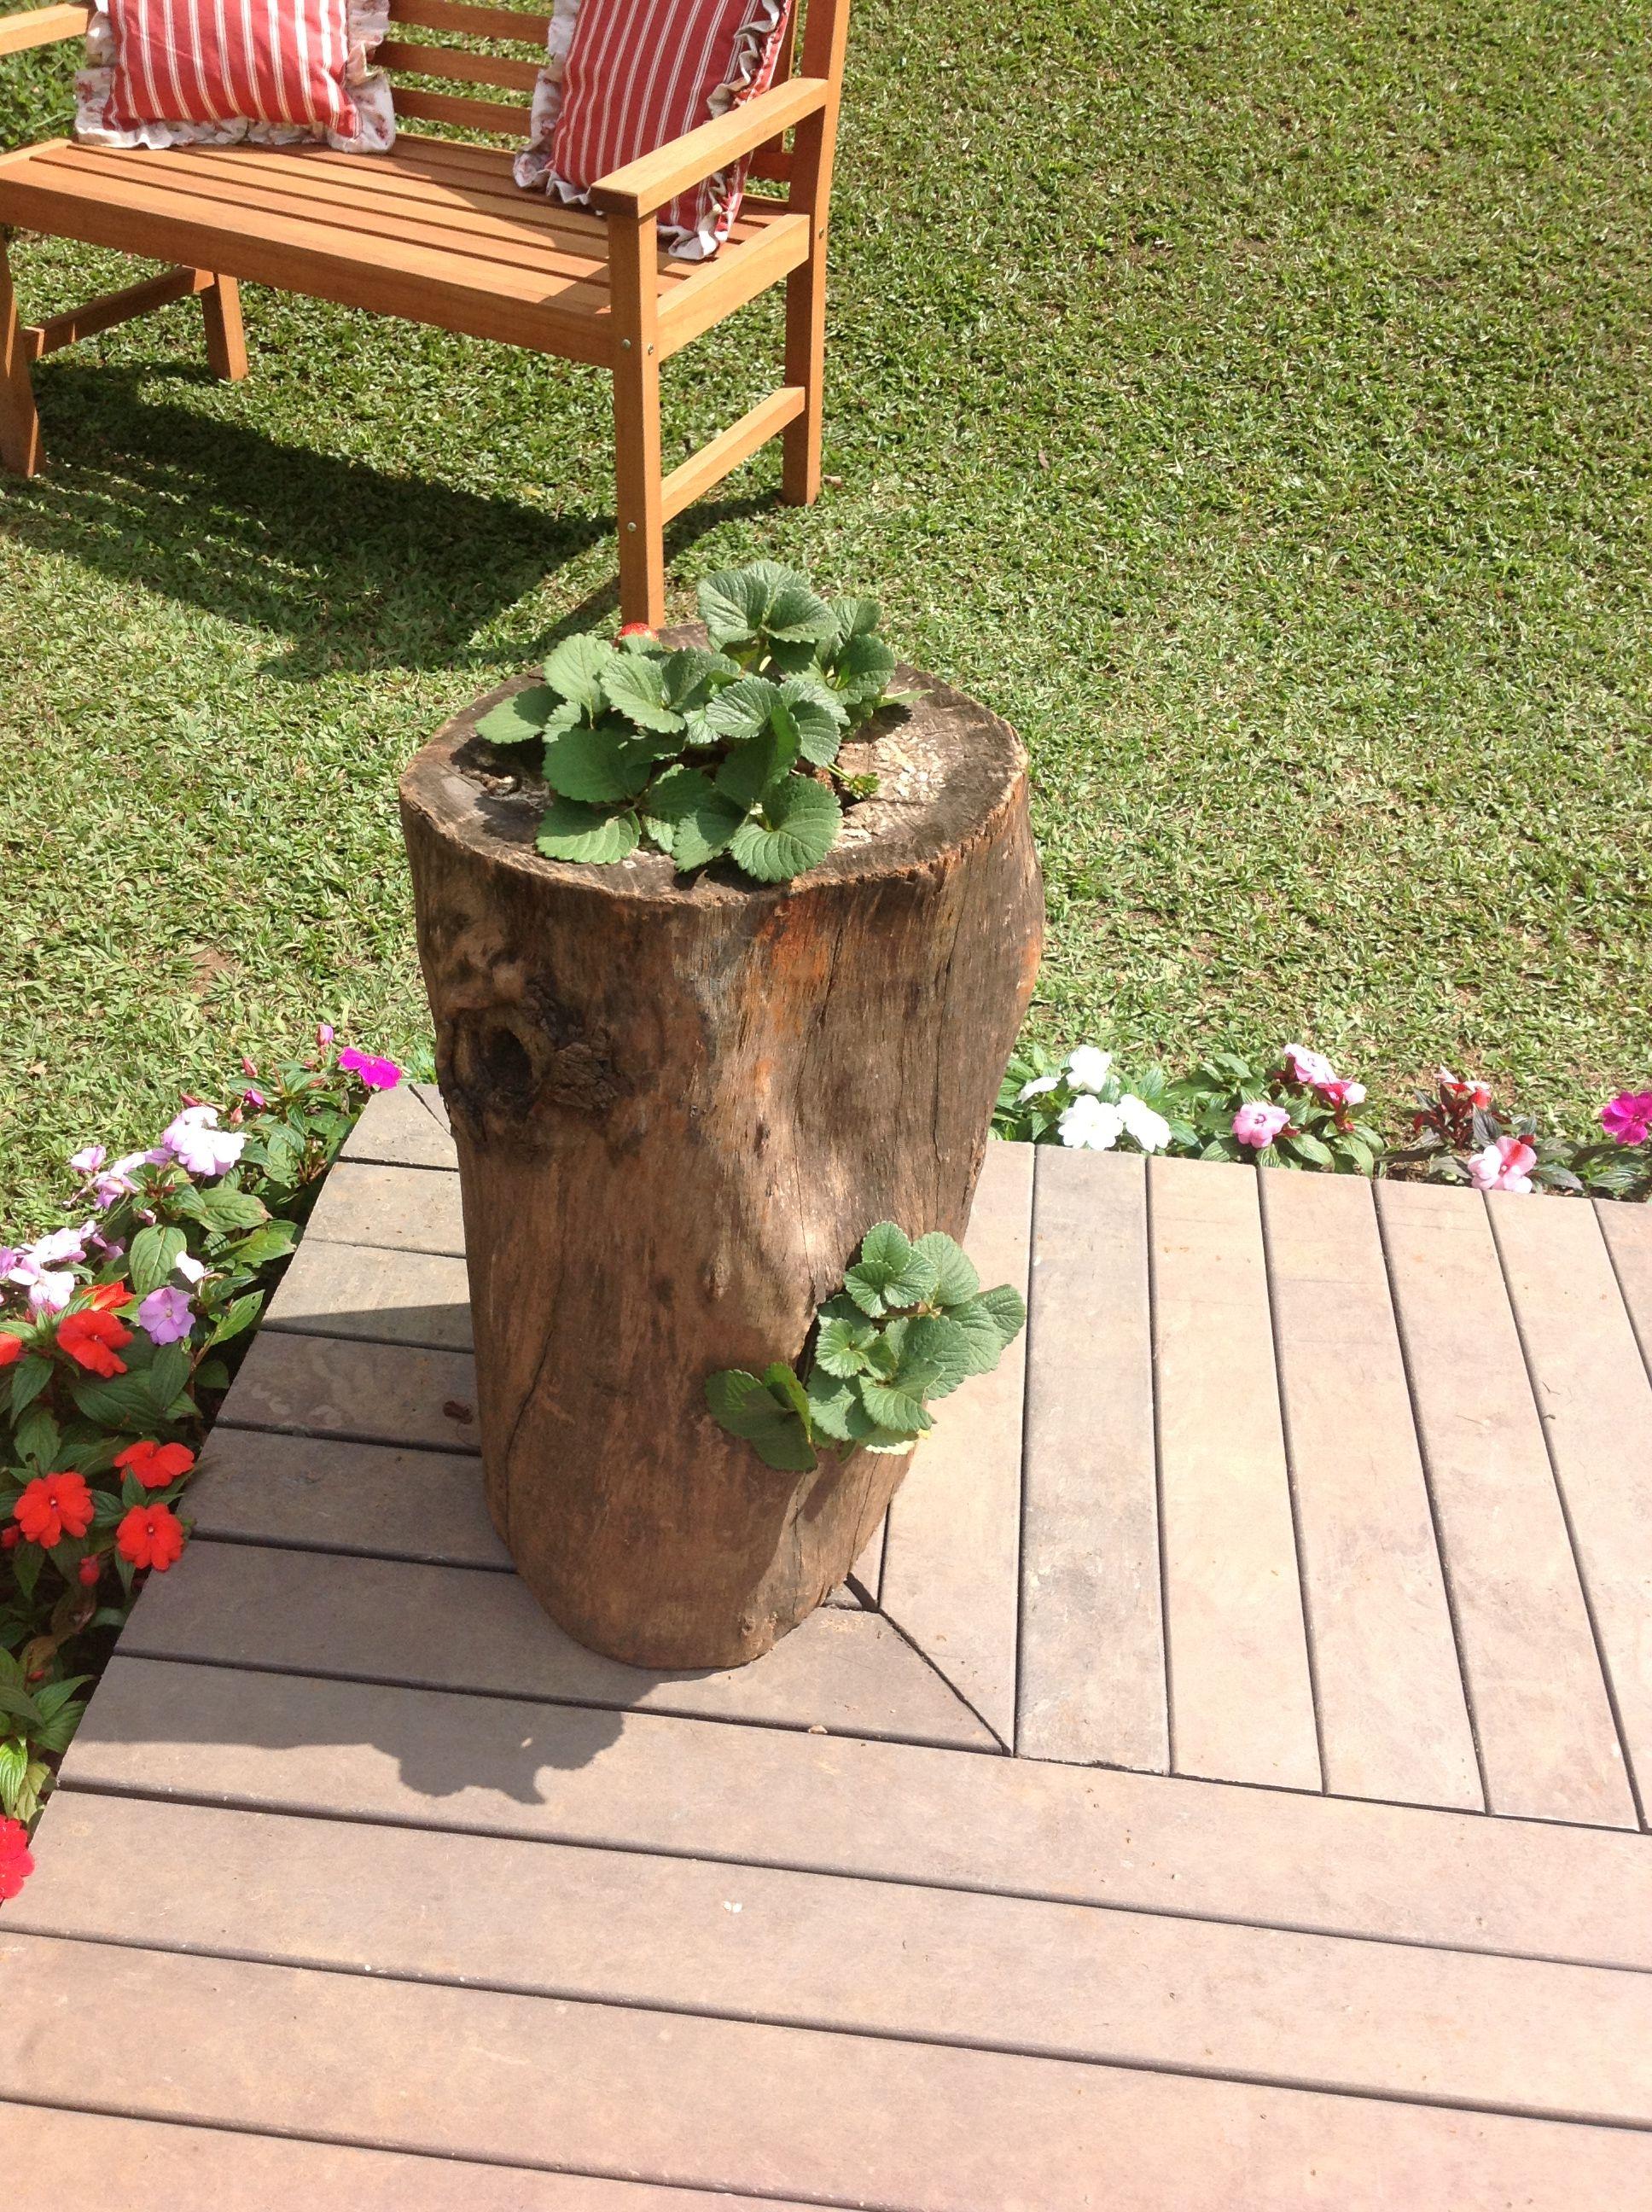 Vaso feito com tronco de arvore plantaram